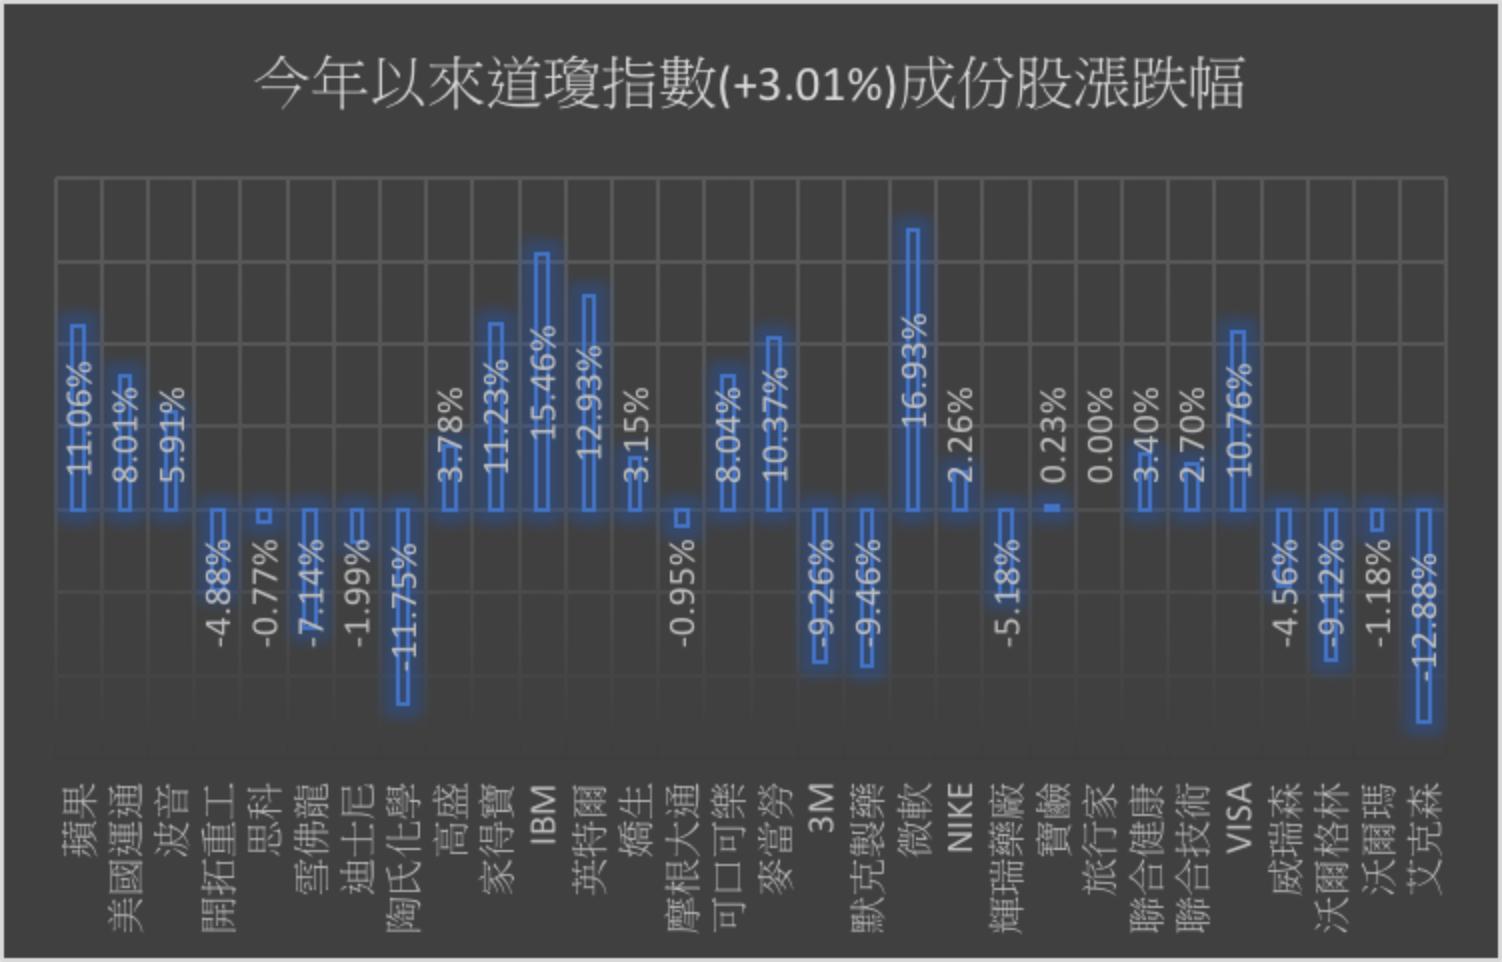 美股 道瓊指數小跌作收關注中國大陸疫情影響 新聞 Moneydj理財網